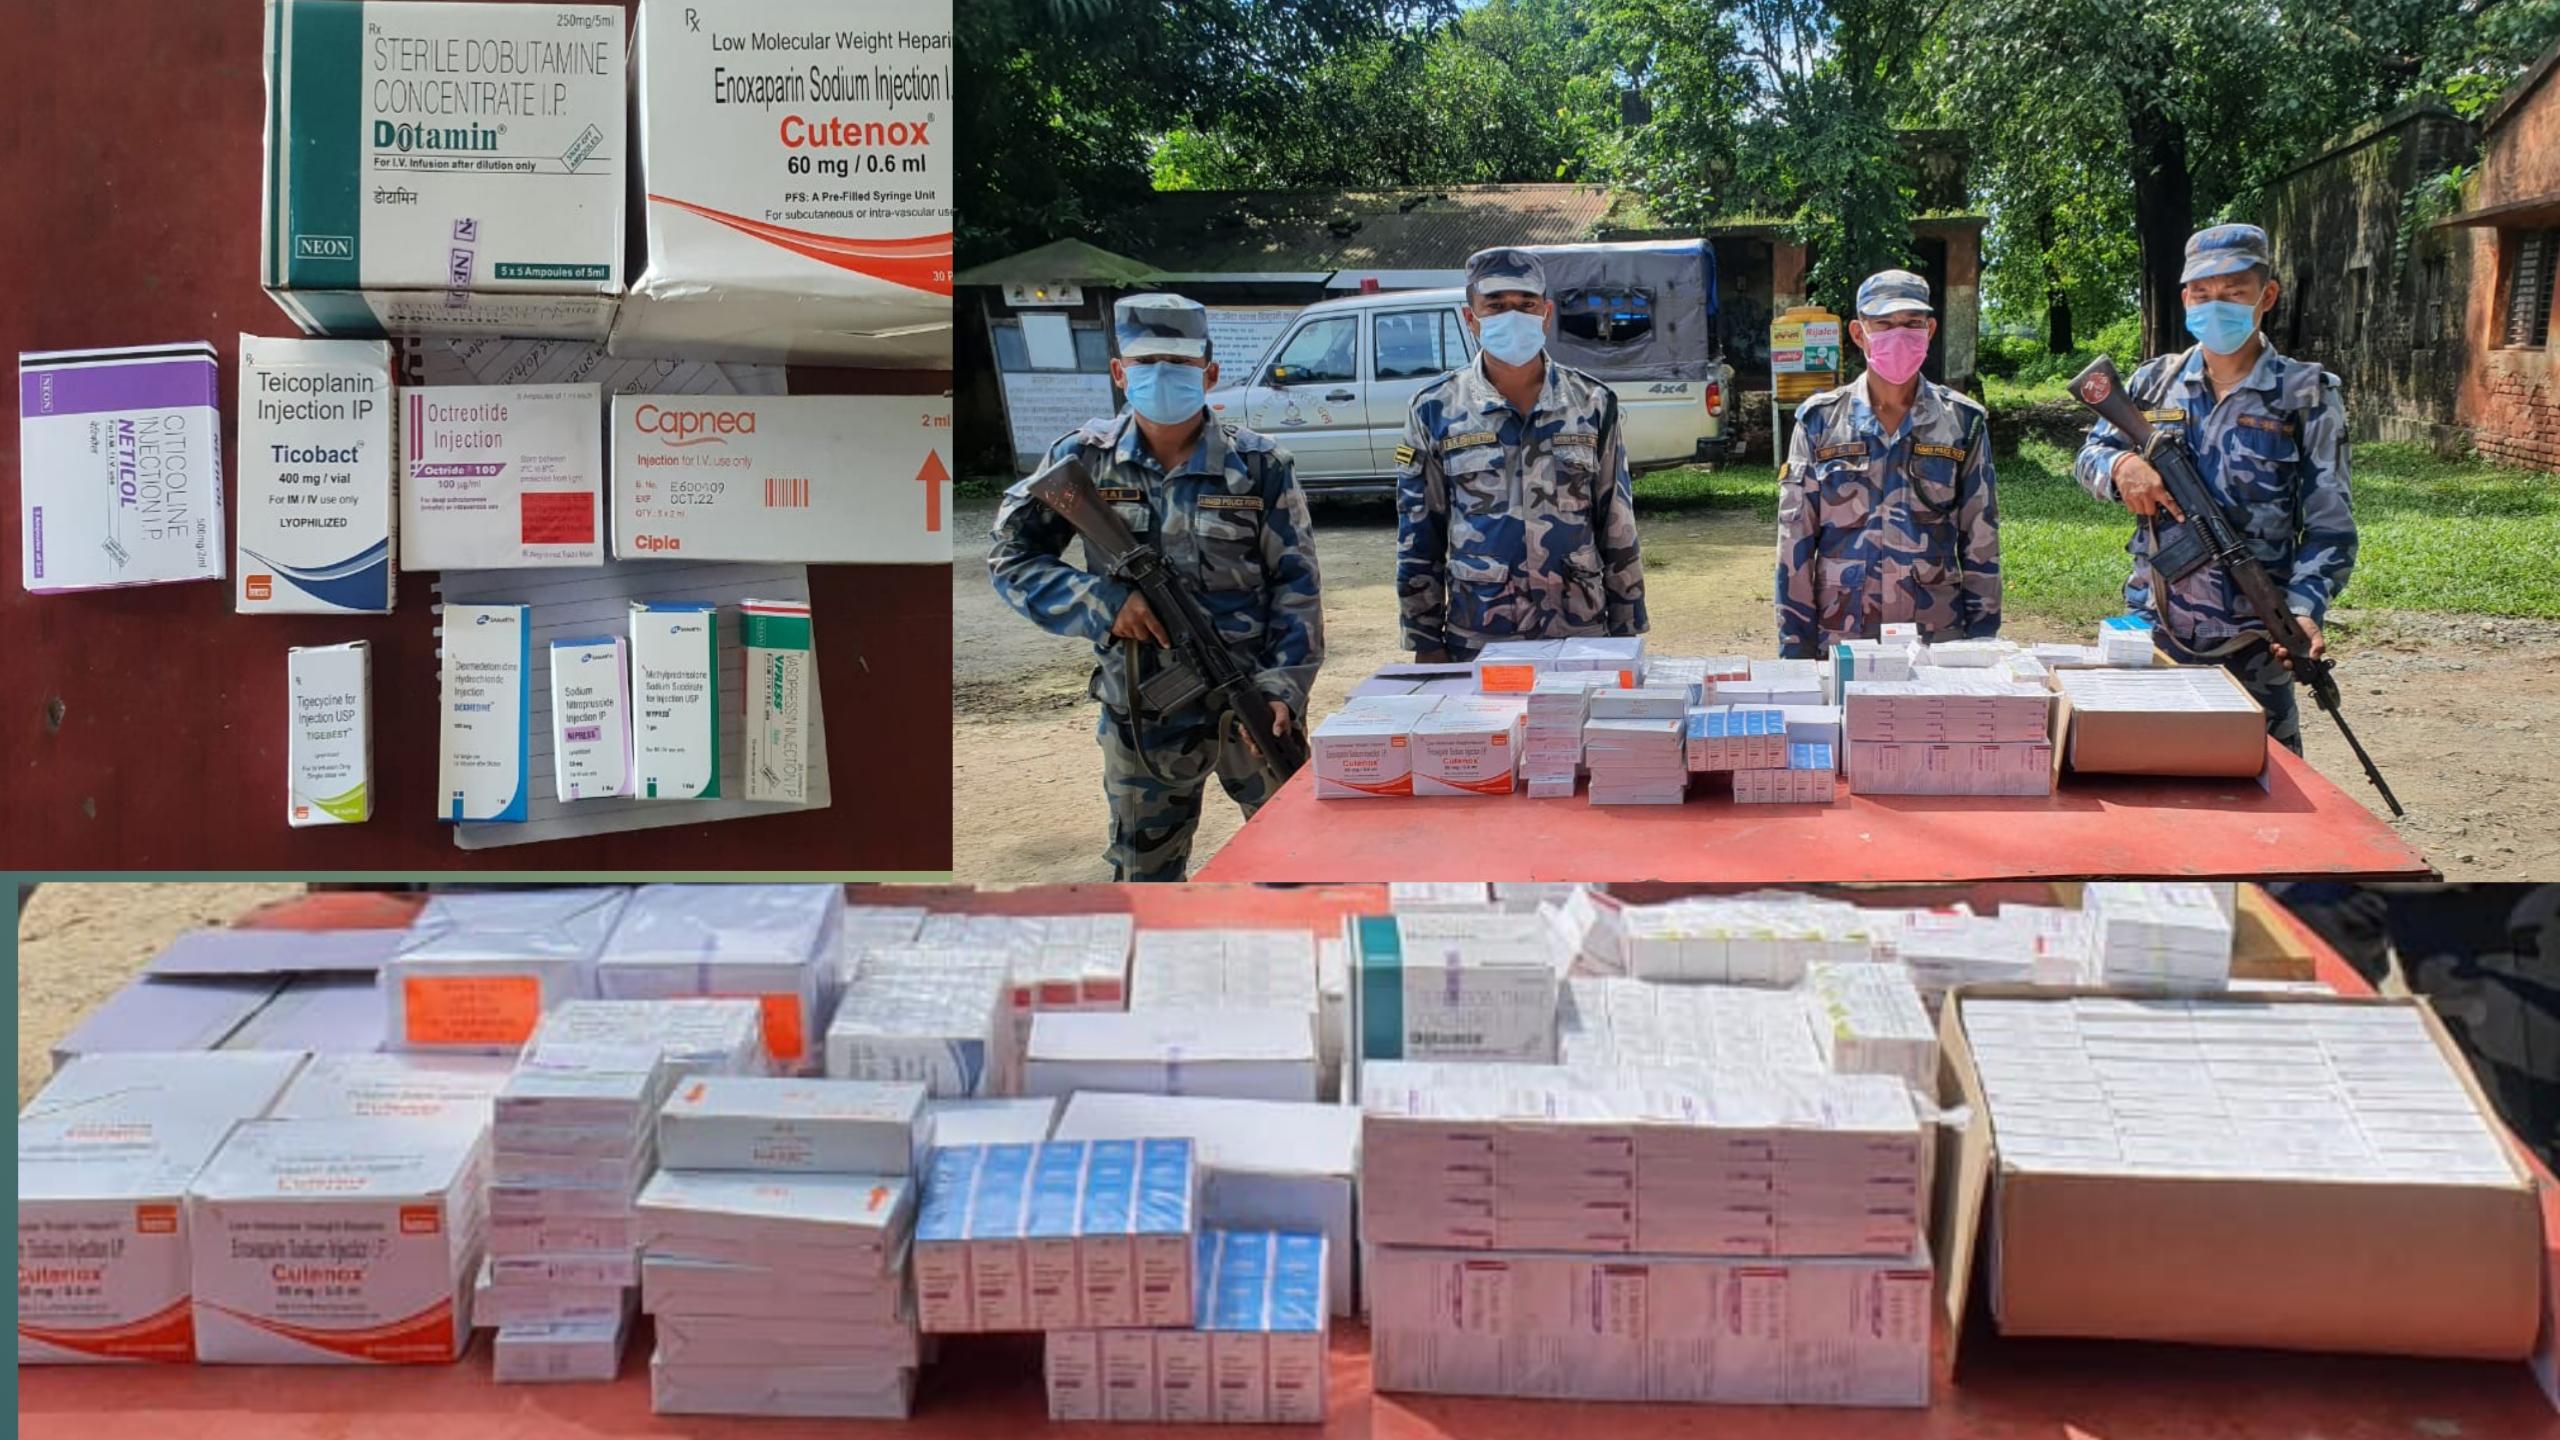 बिस्कुटको कार्टुनभित्र औषधि तस्करी, सशस्त्रद्वारा १९ लाखको औषधि बरामद :: Times of Pradesh